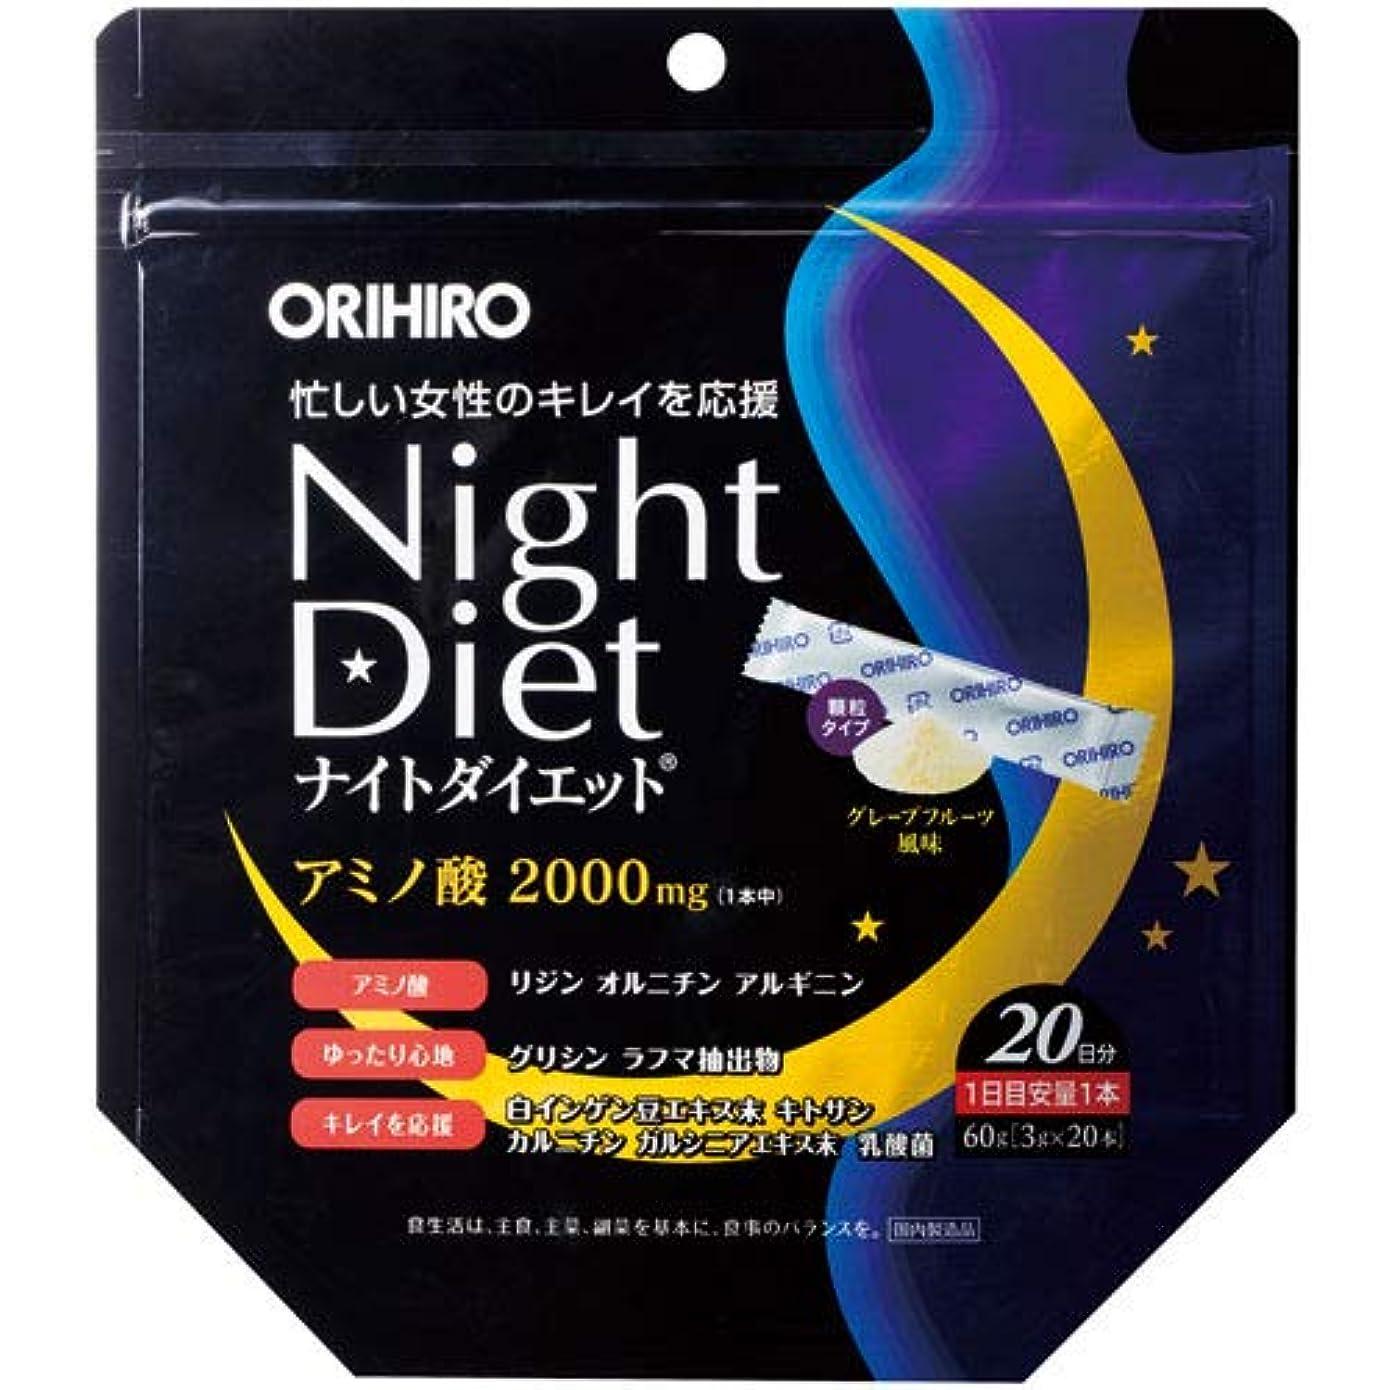 やりすぎホラー推進力オリヒロ ナイトダイエット 顆粒 20本×2個セット